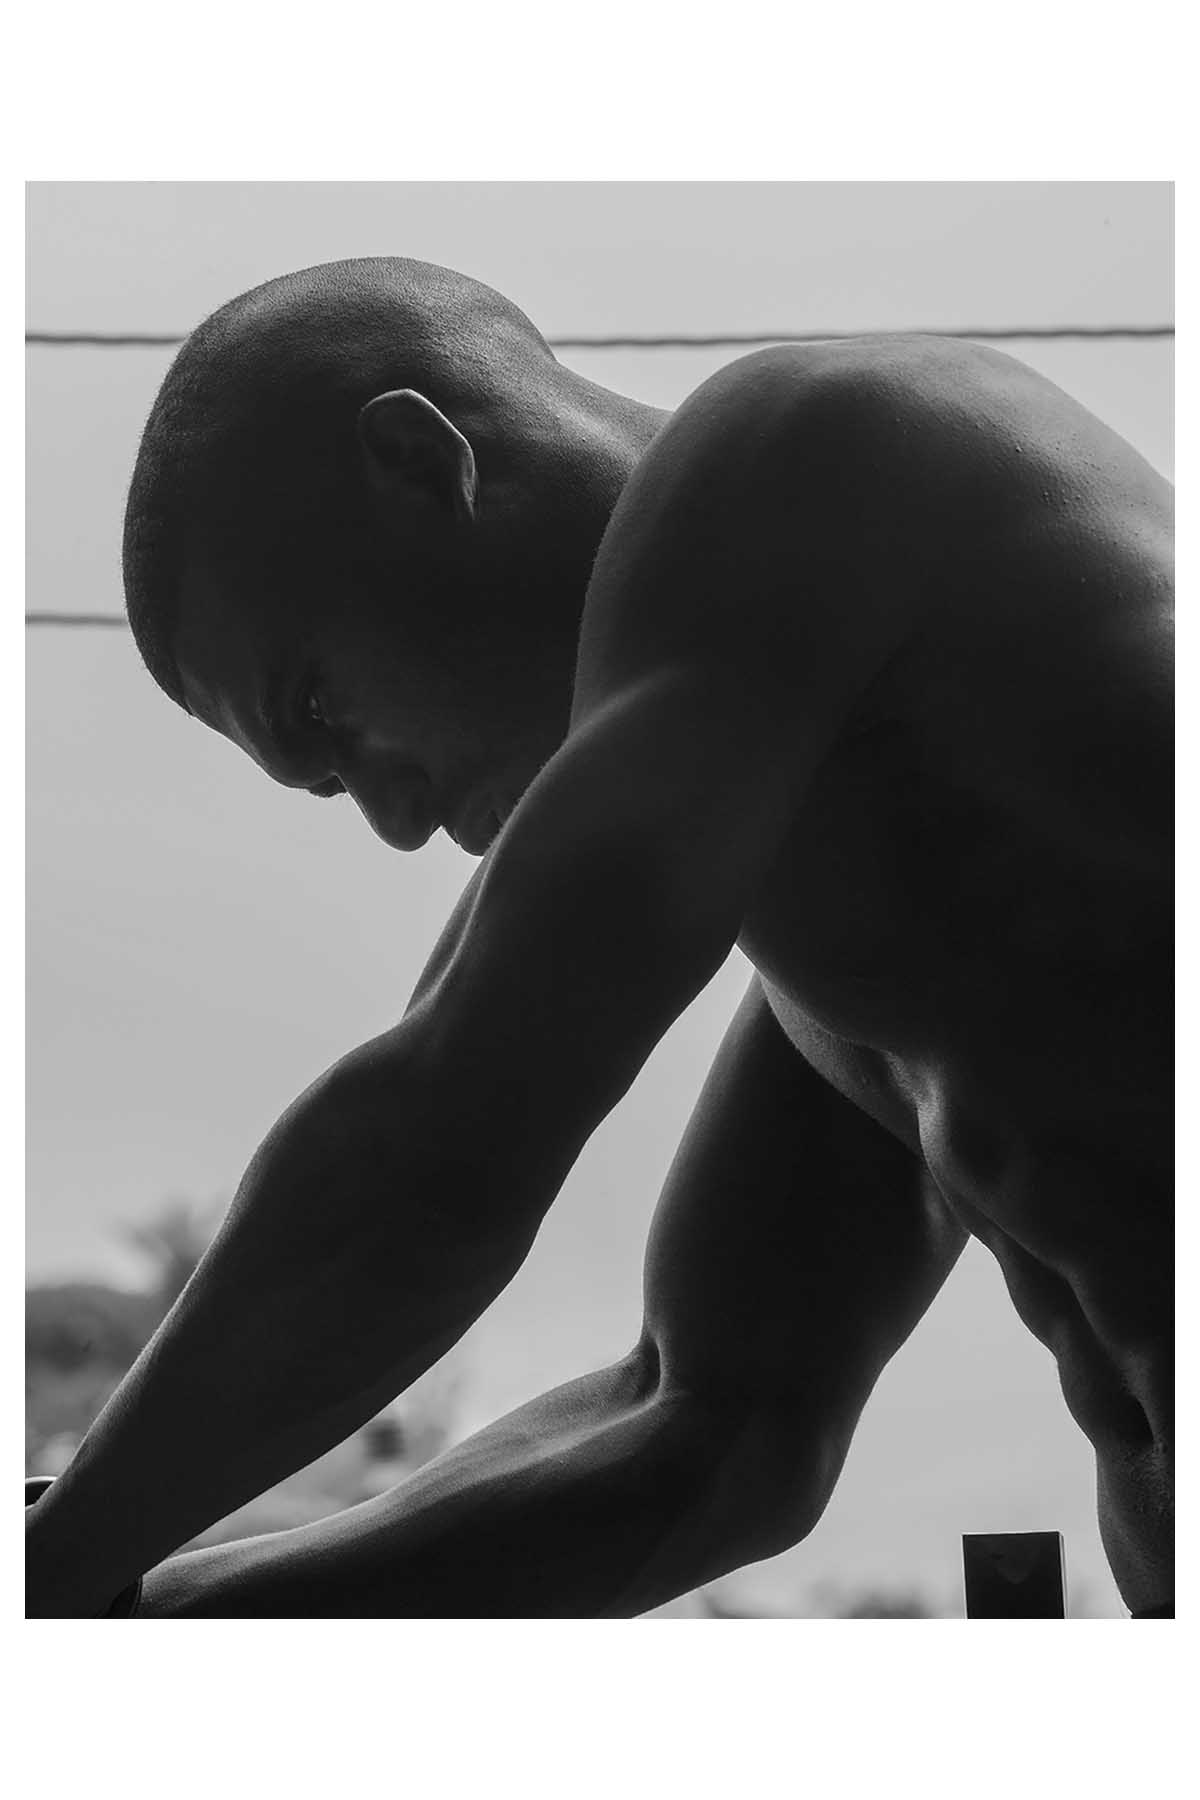 Apolo Luz by Vinícius Moreira for Brazilian Male Model